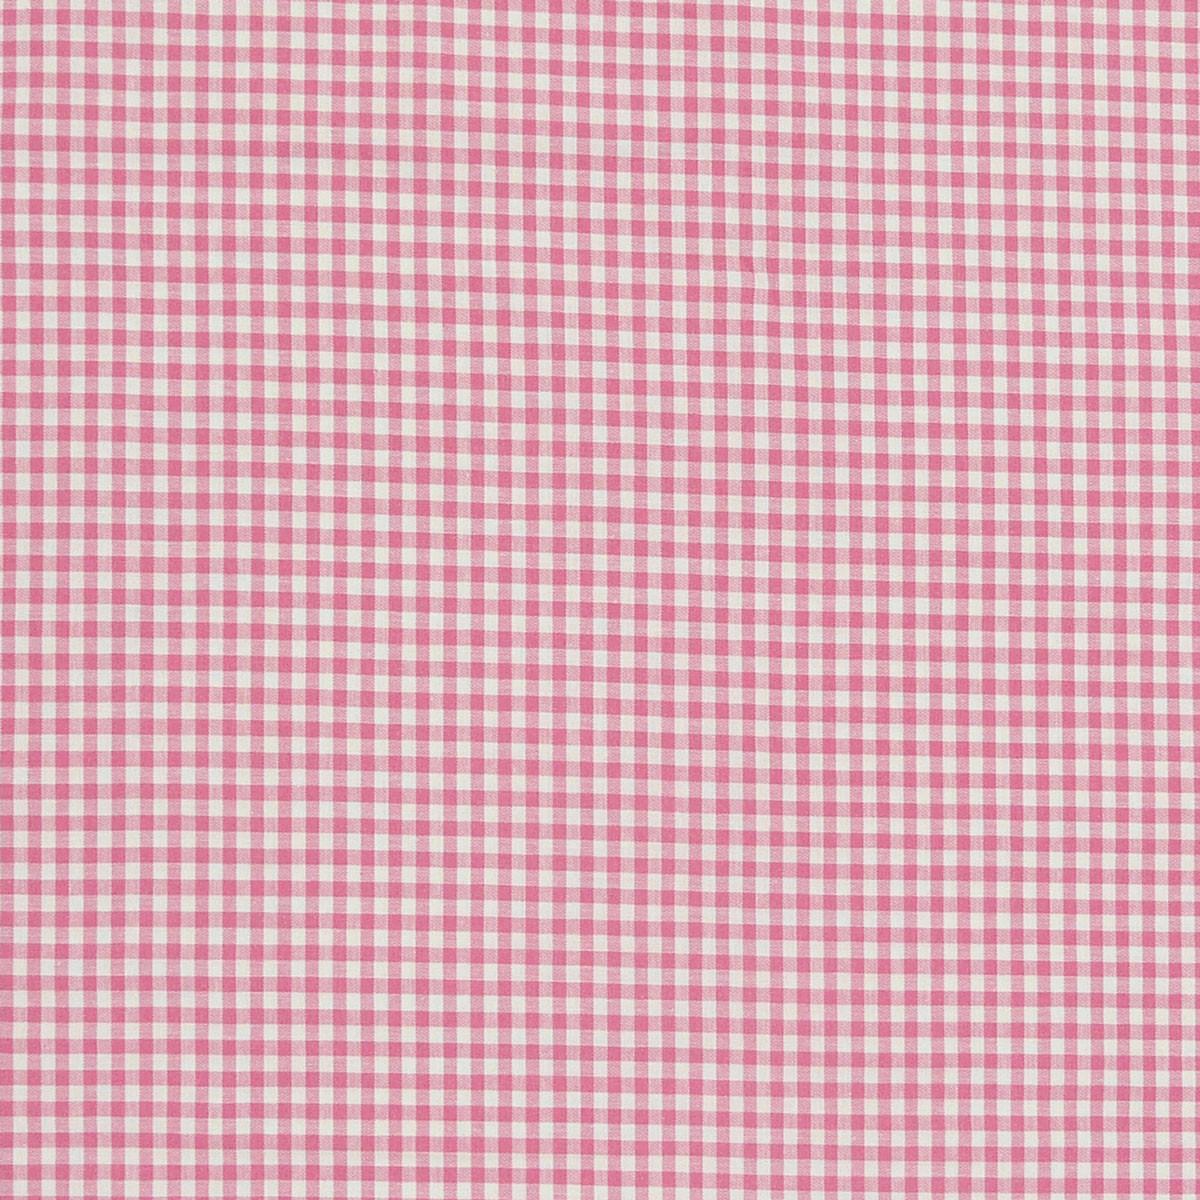 Baumwollstoff kariert weiß rosa 5mm